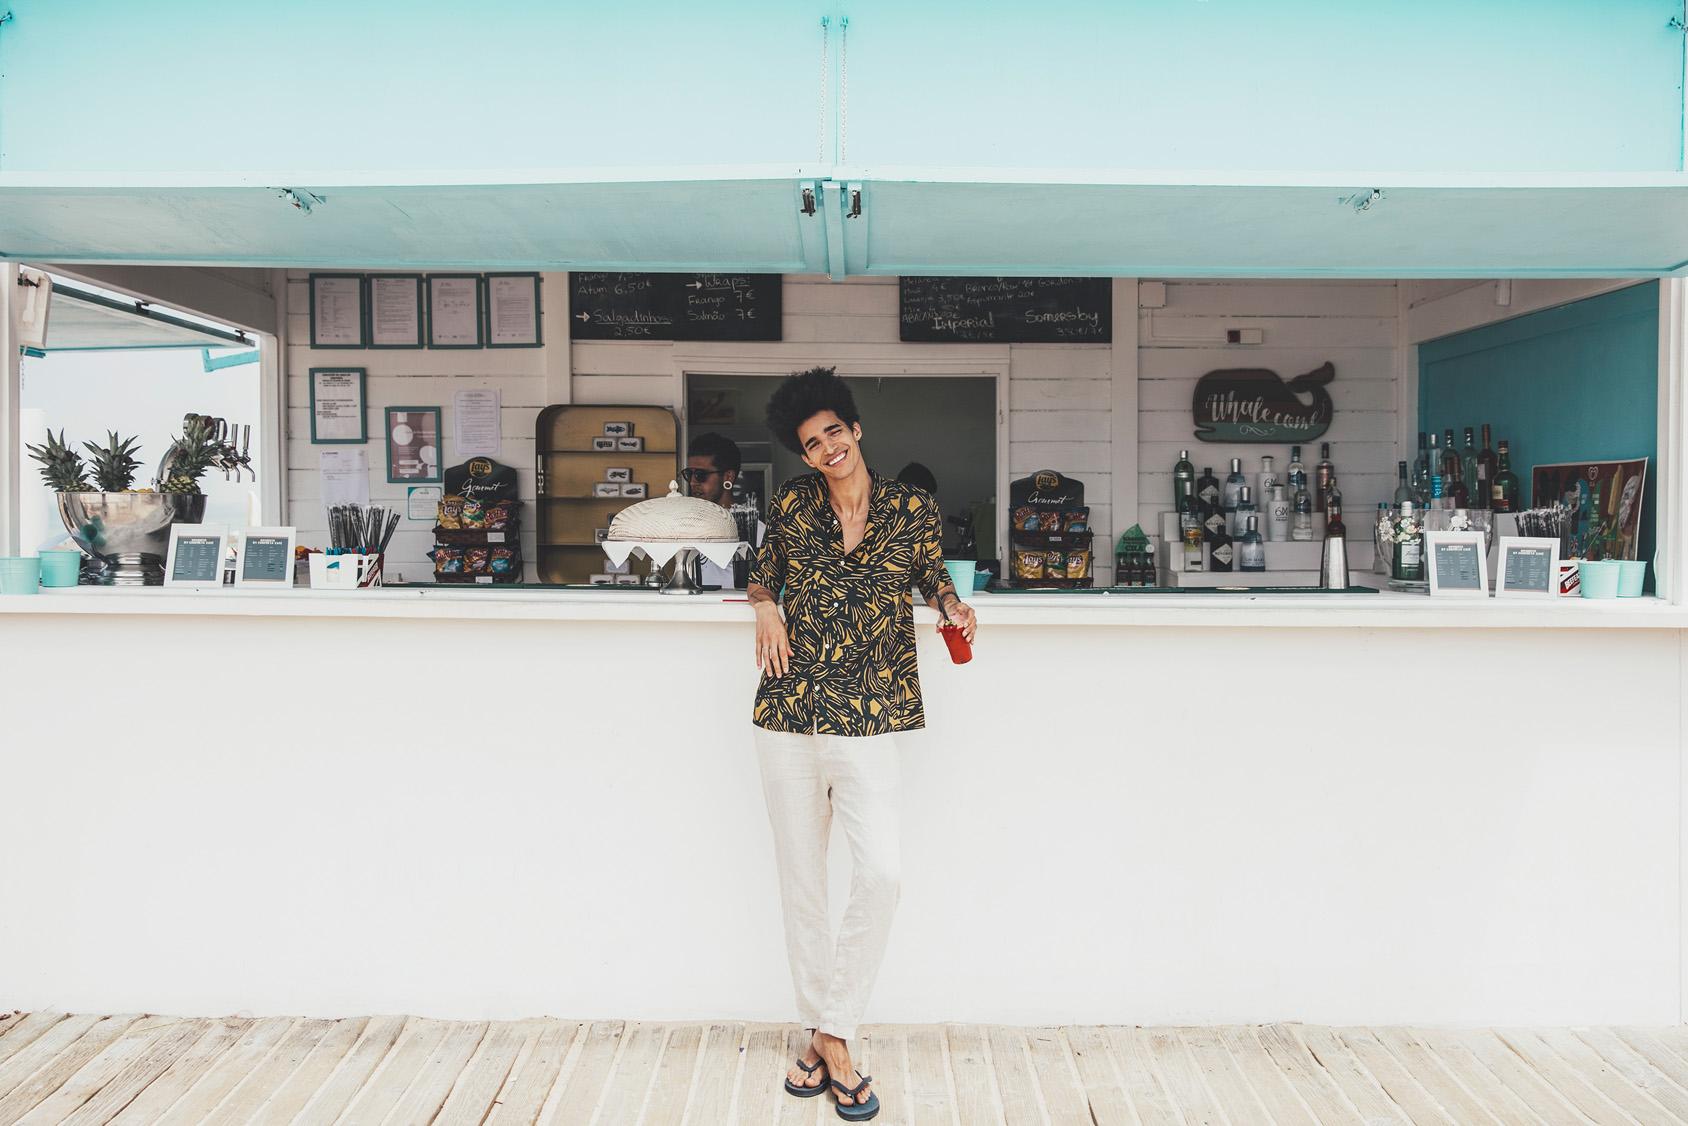 LUÍS BORGES 康波塔 H&M 时尚